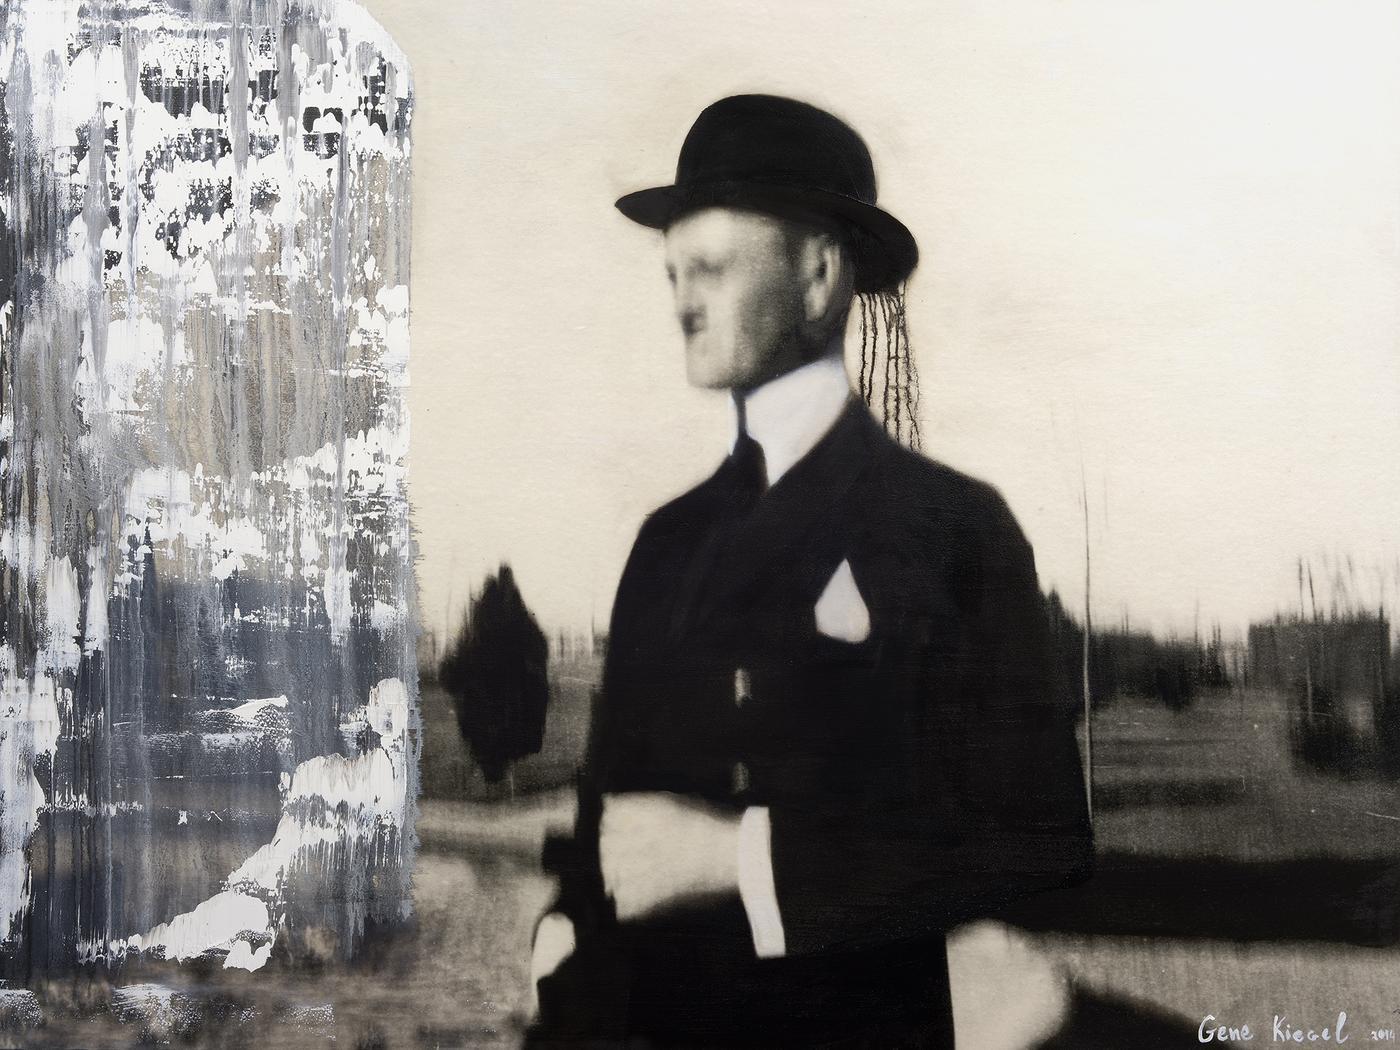 Gene Kiegel